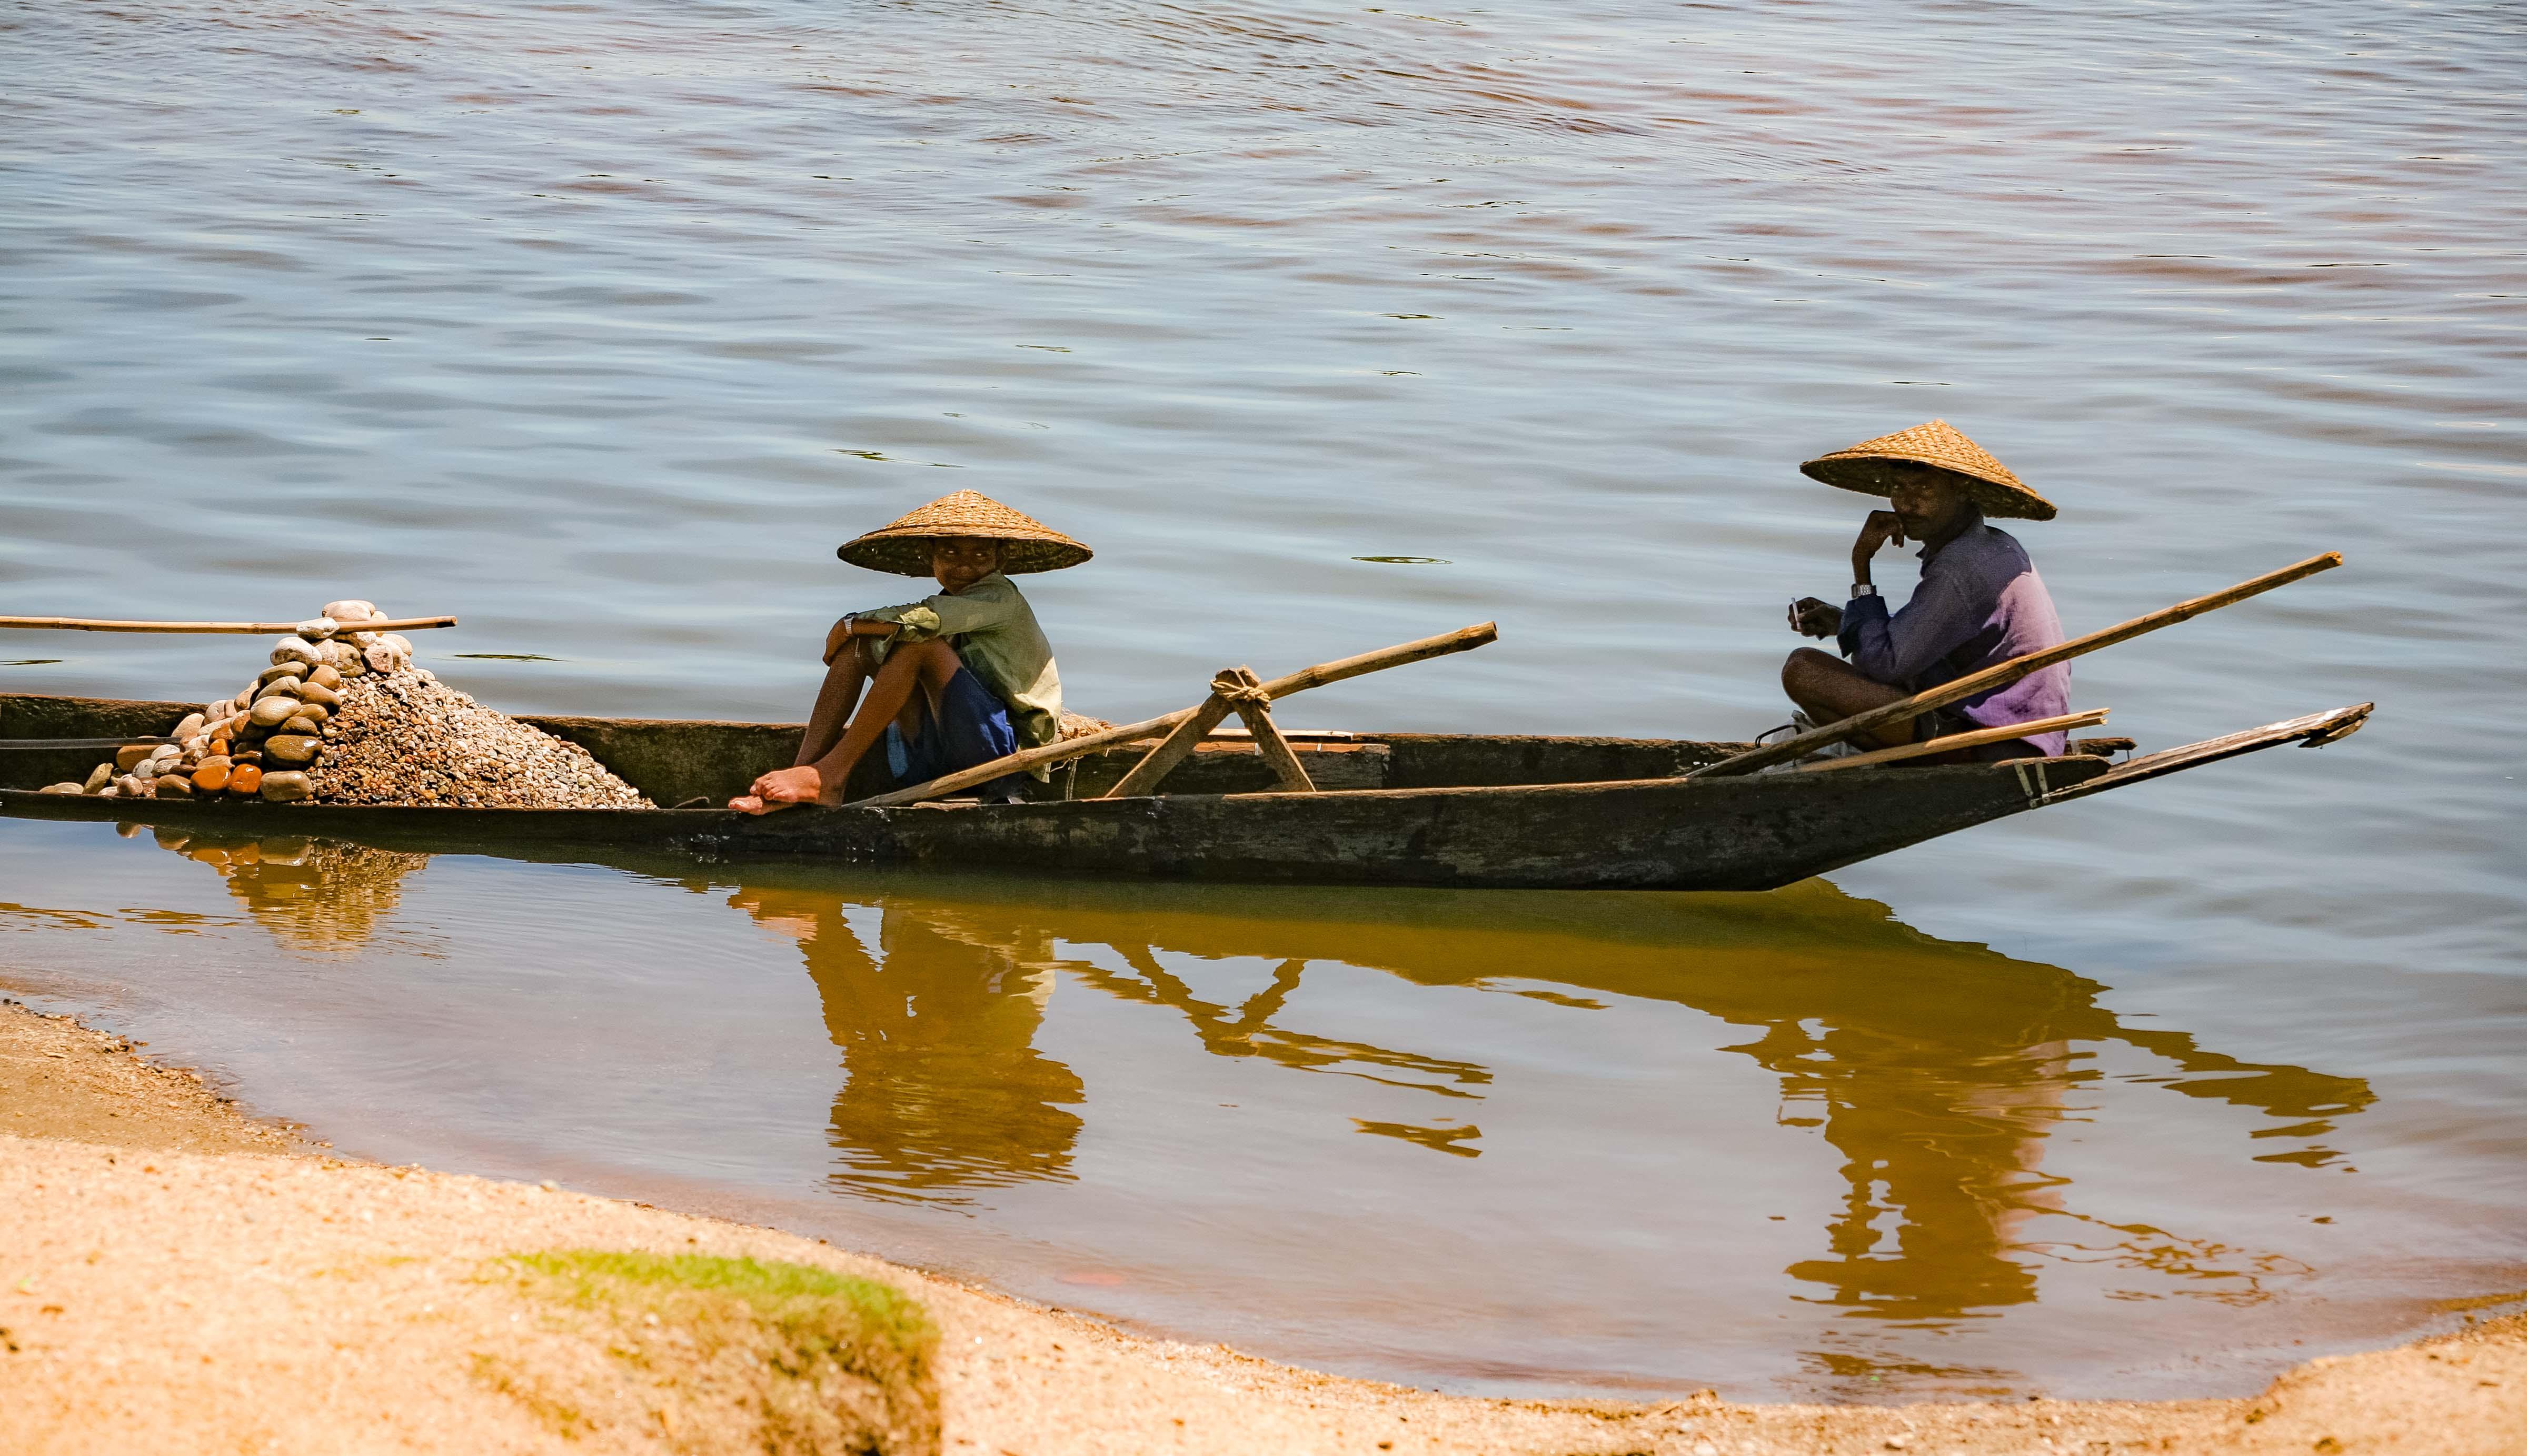 Bangladesh, Sylhet Prov, Gravel Boat, 2009, IMG 8111